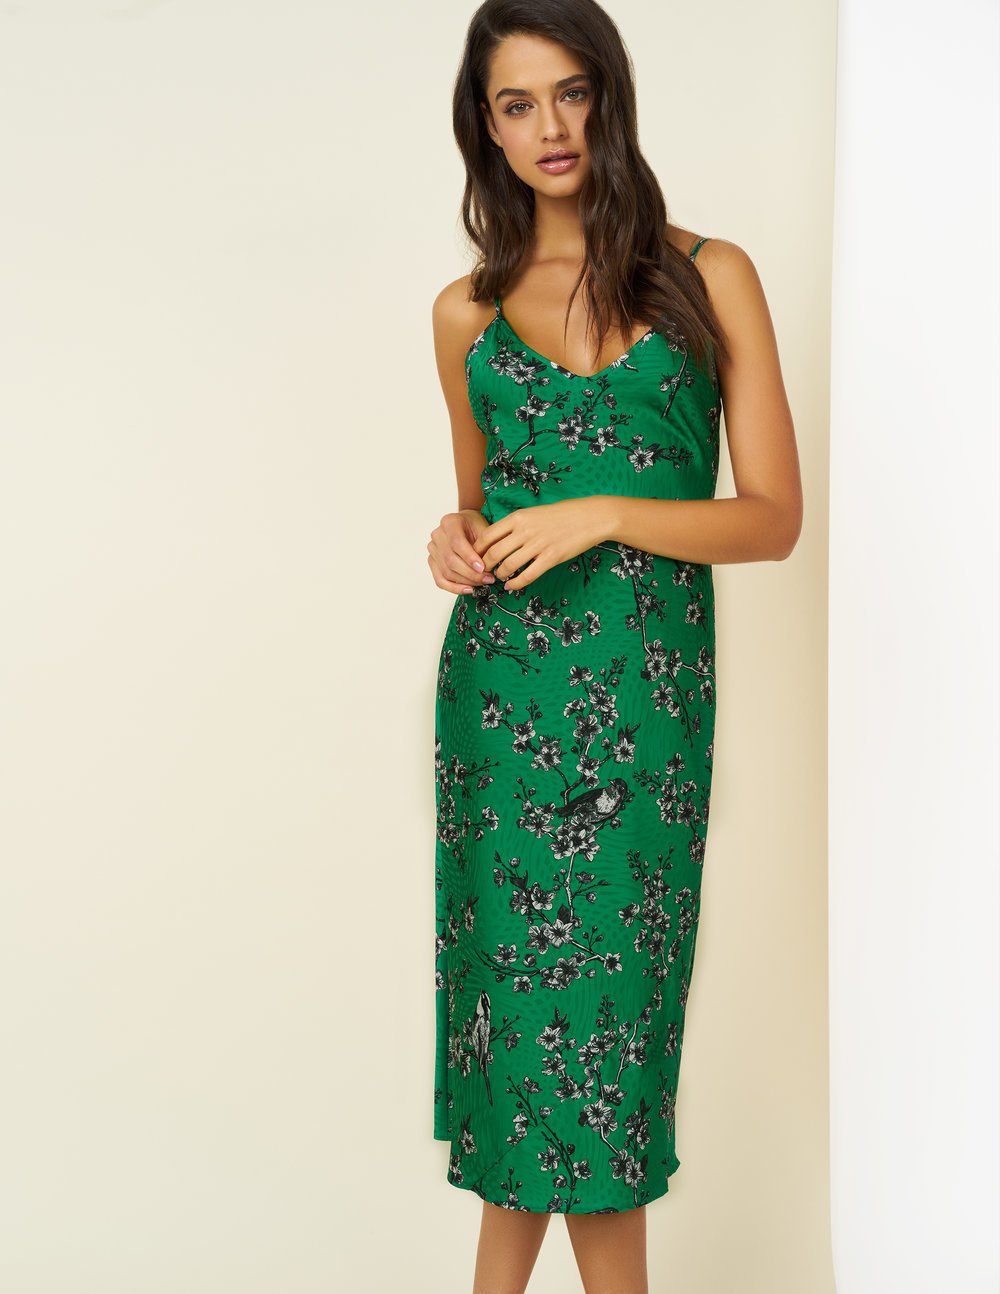 254f90a3db20 Sierra Bias Cut Slip Dress - No. 109